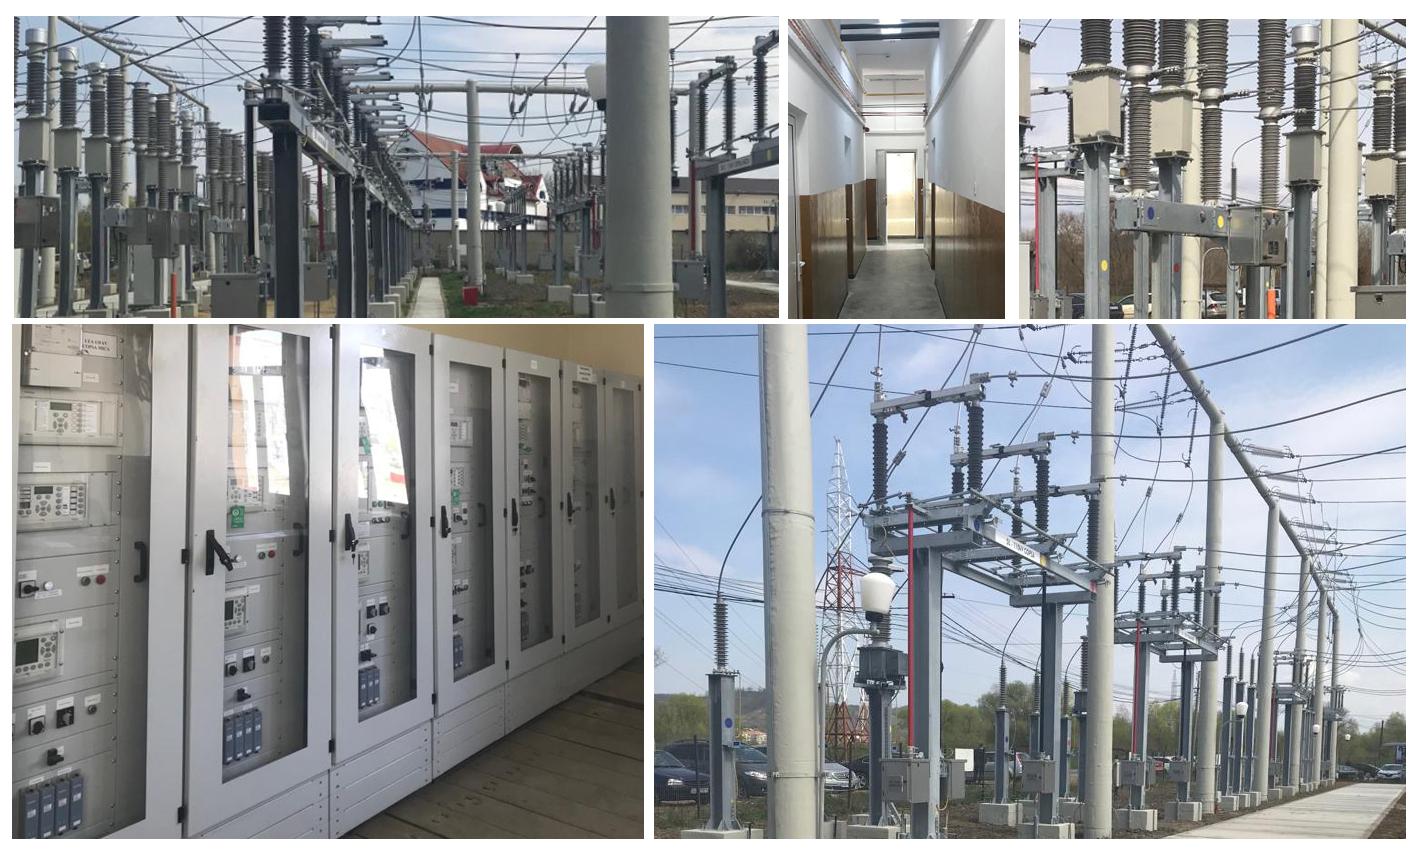 Modernizarea stației Mediaș, un proiect la cheie complex executat de echipa Adrem